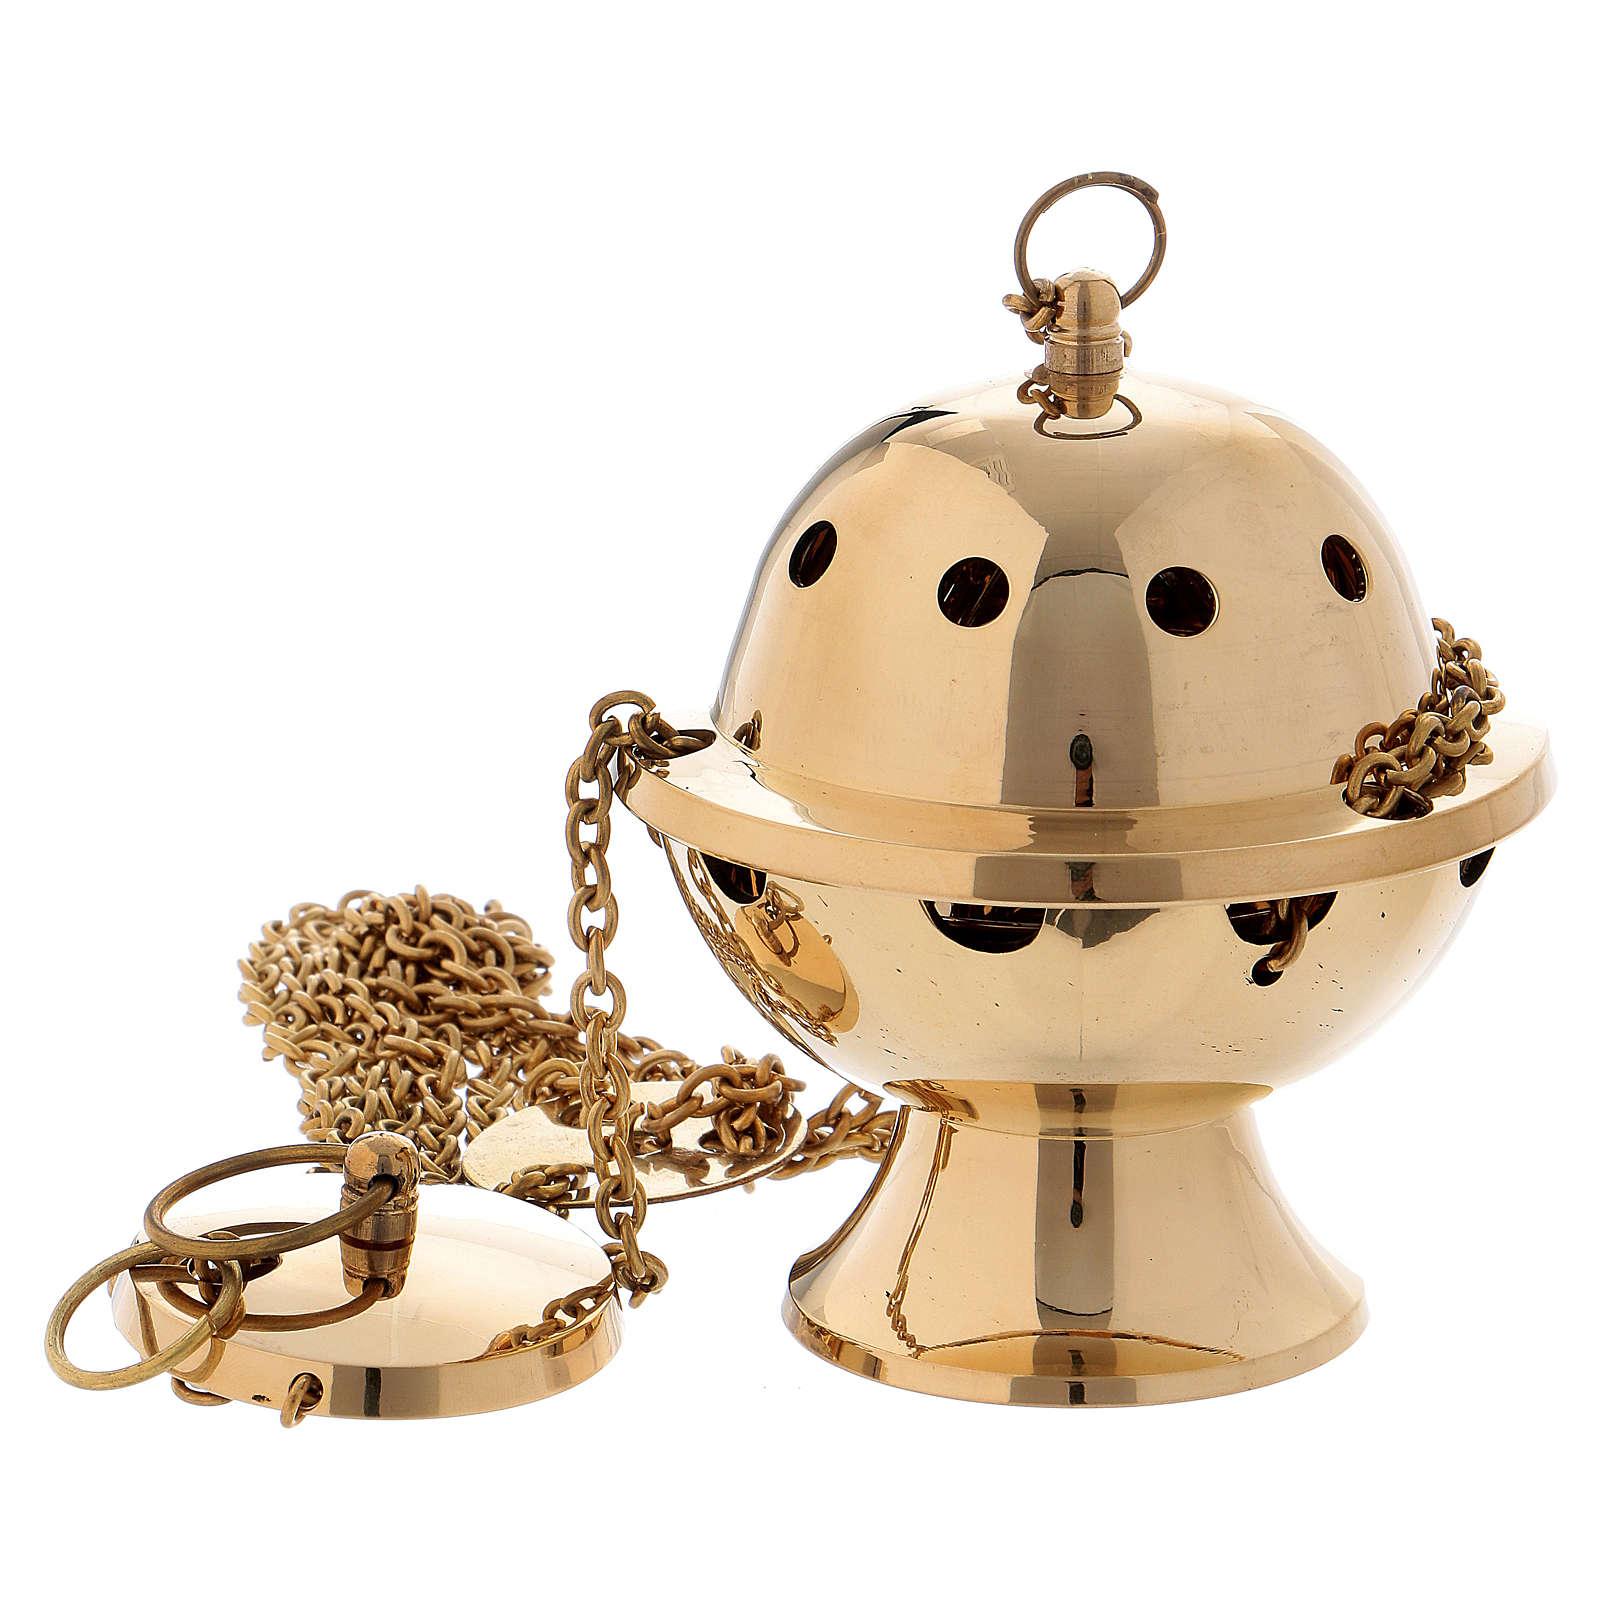 Turibolo semplice ottone dorato lucido 11 cm 3